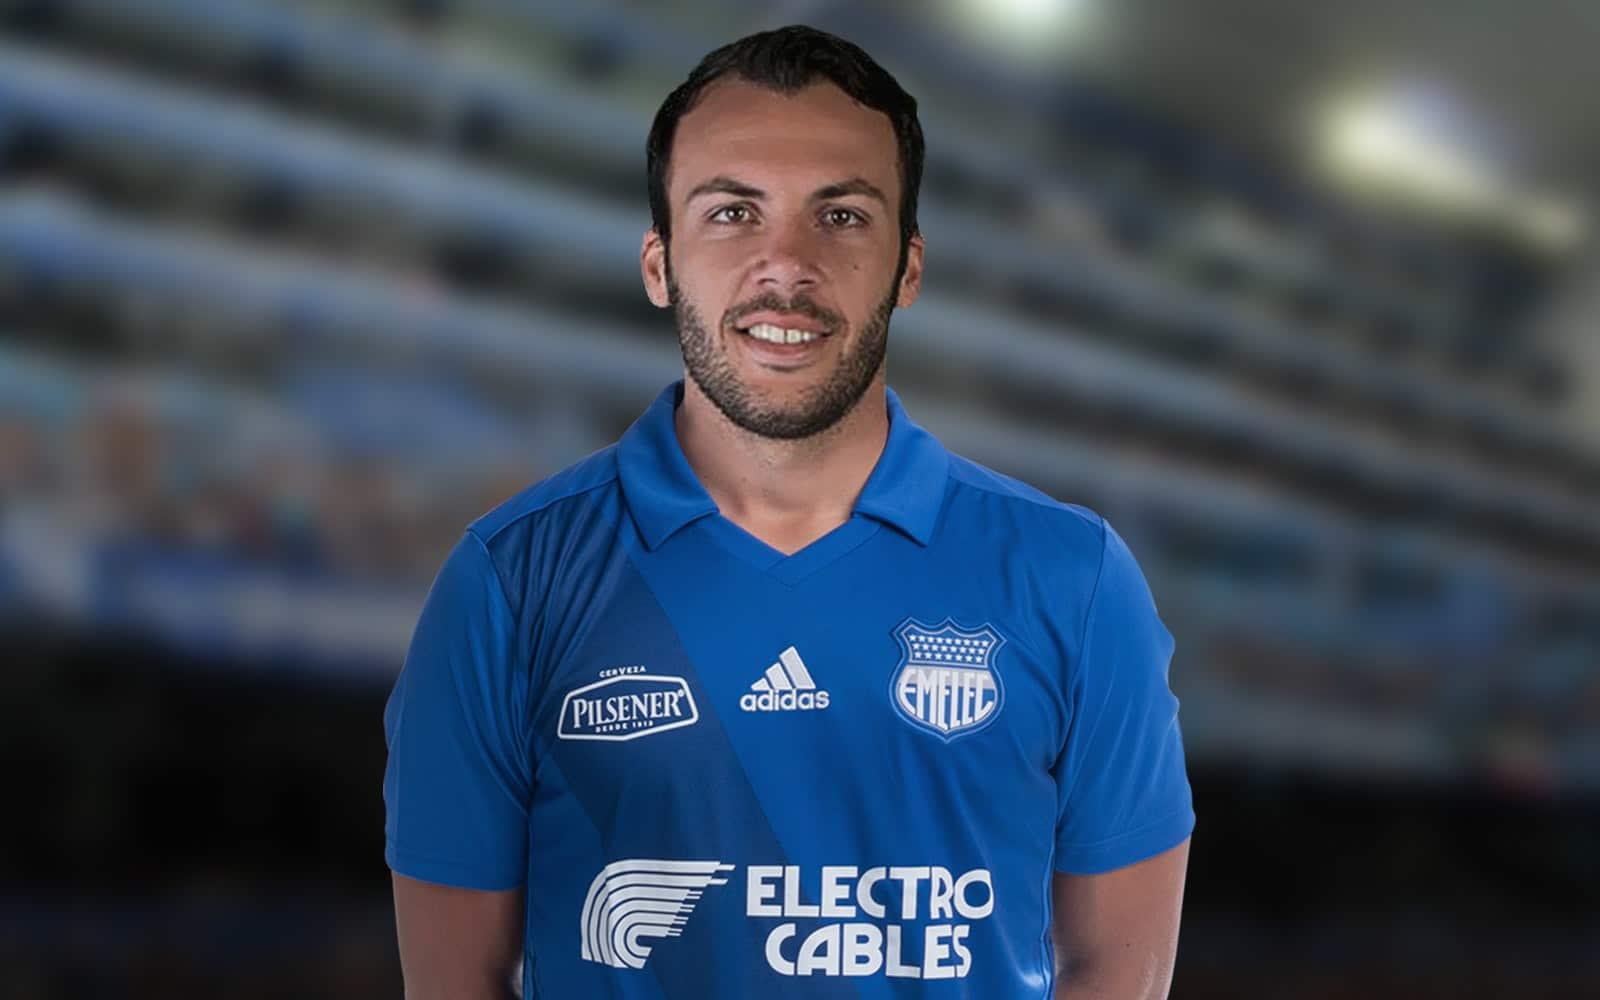 Emelec adquirió el 100% de los derechos deportivos de Sebastián Rodríguez